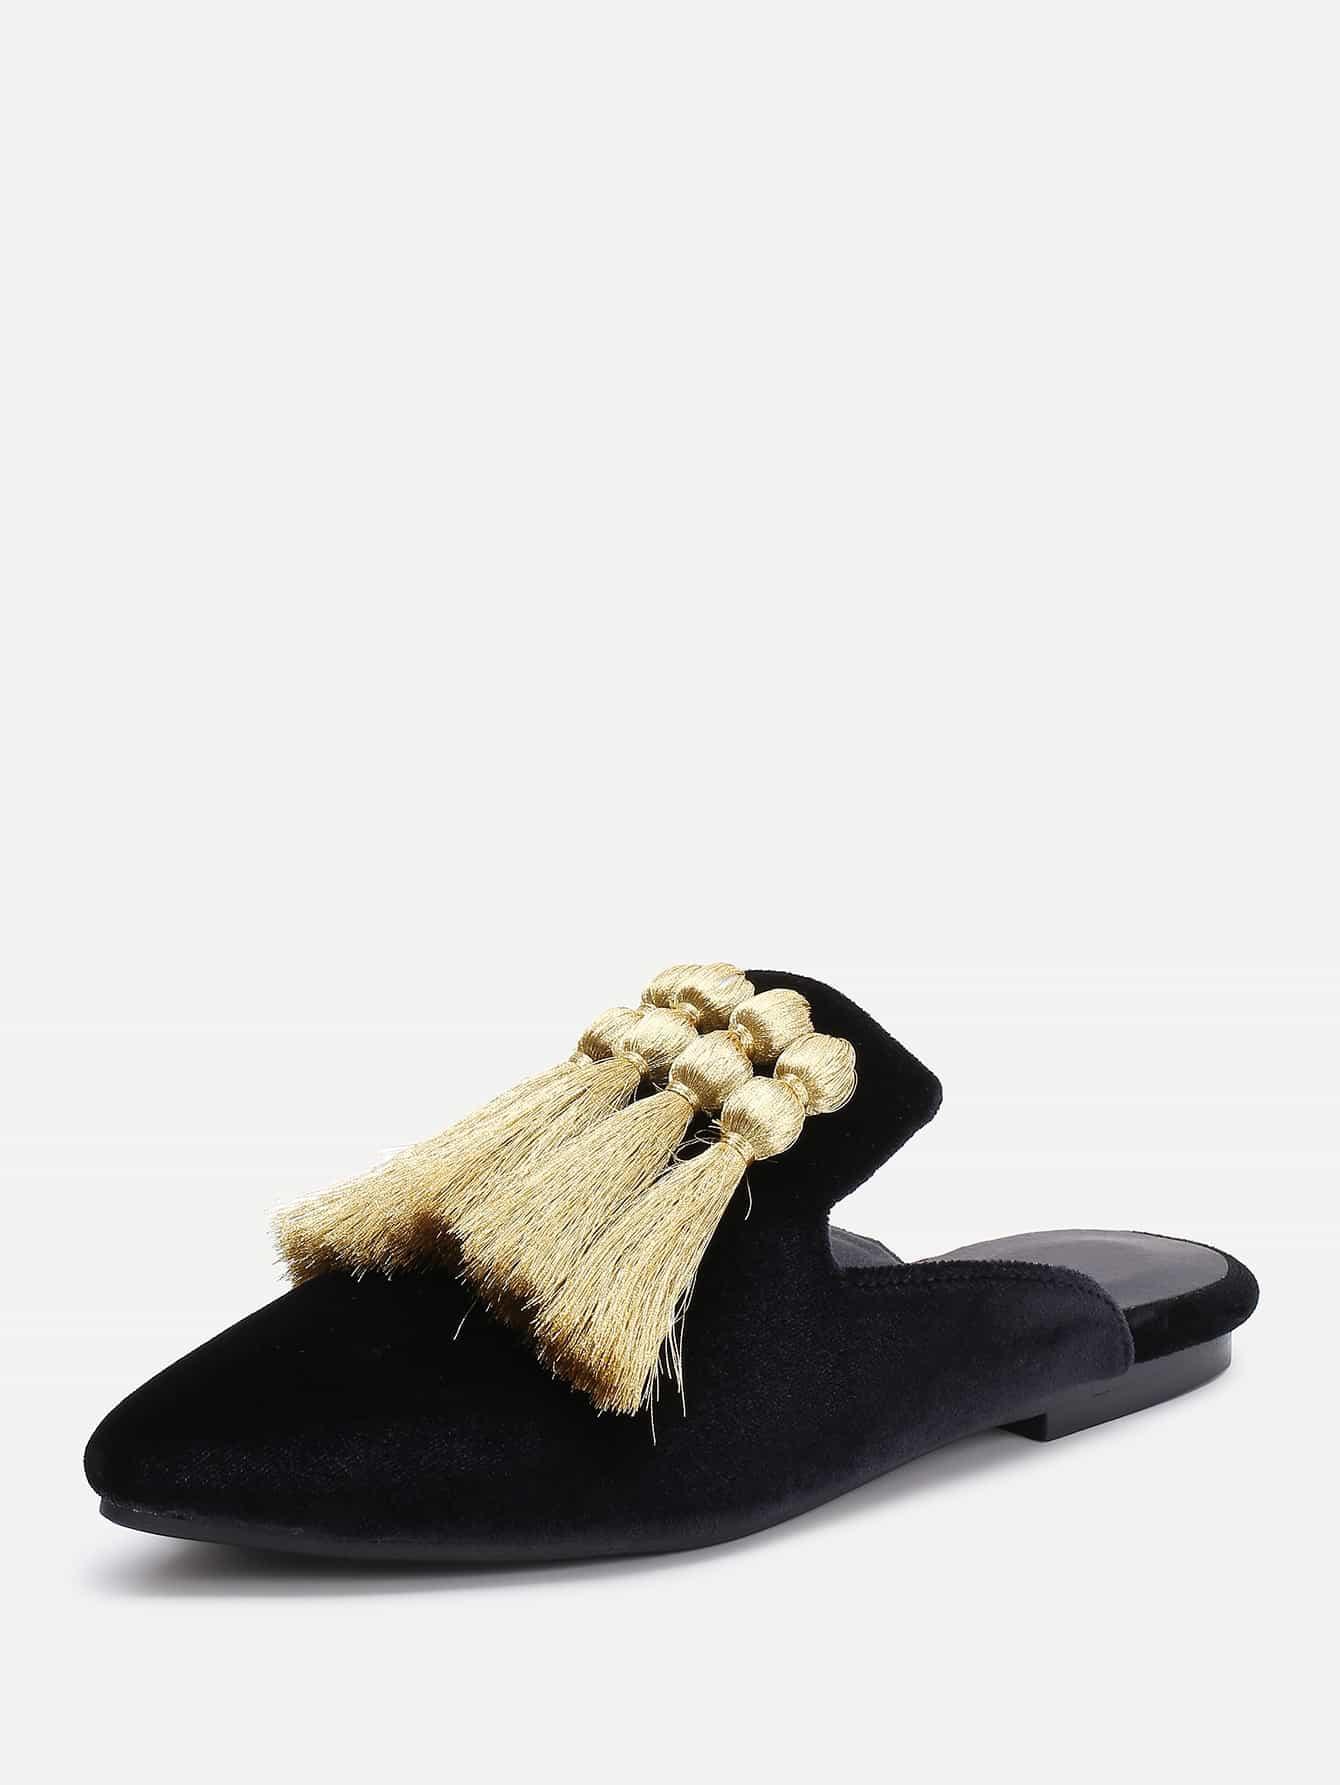 shoes170314815_2